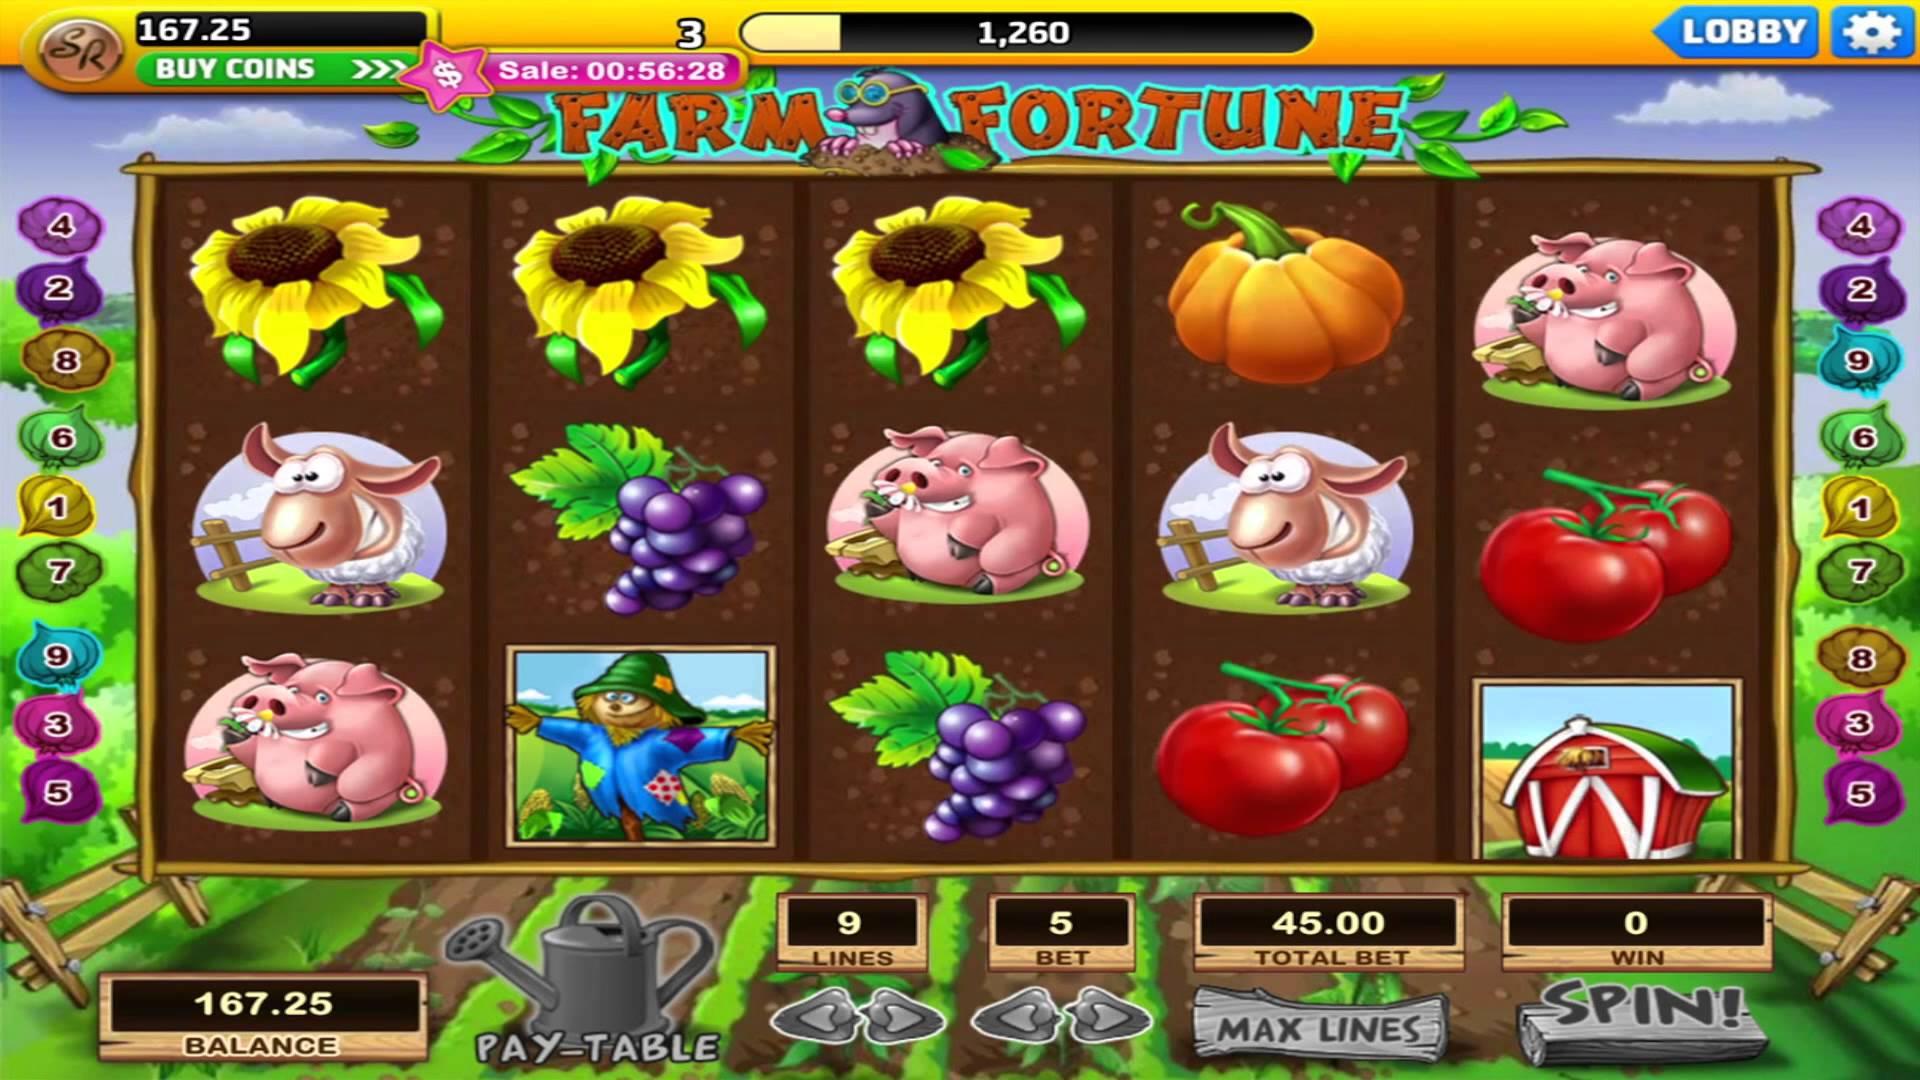 Farm Fortune